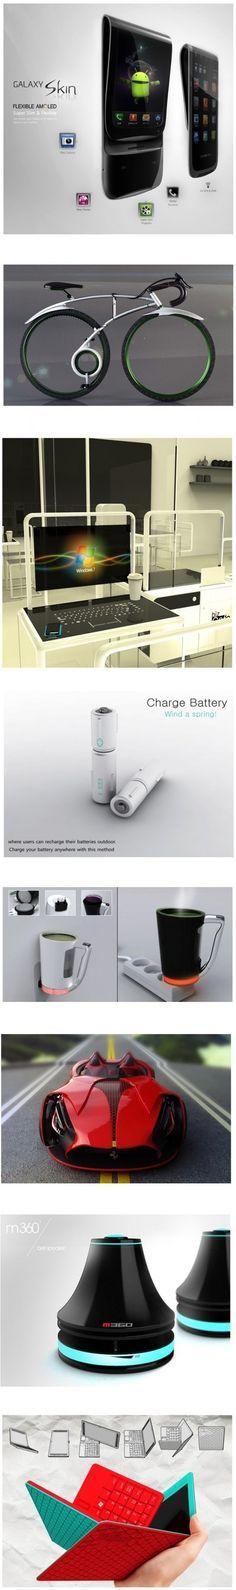 Muy Buenos Gadgets , para los apasionados del futuro y la tecnología #DescubreElFuturo